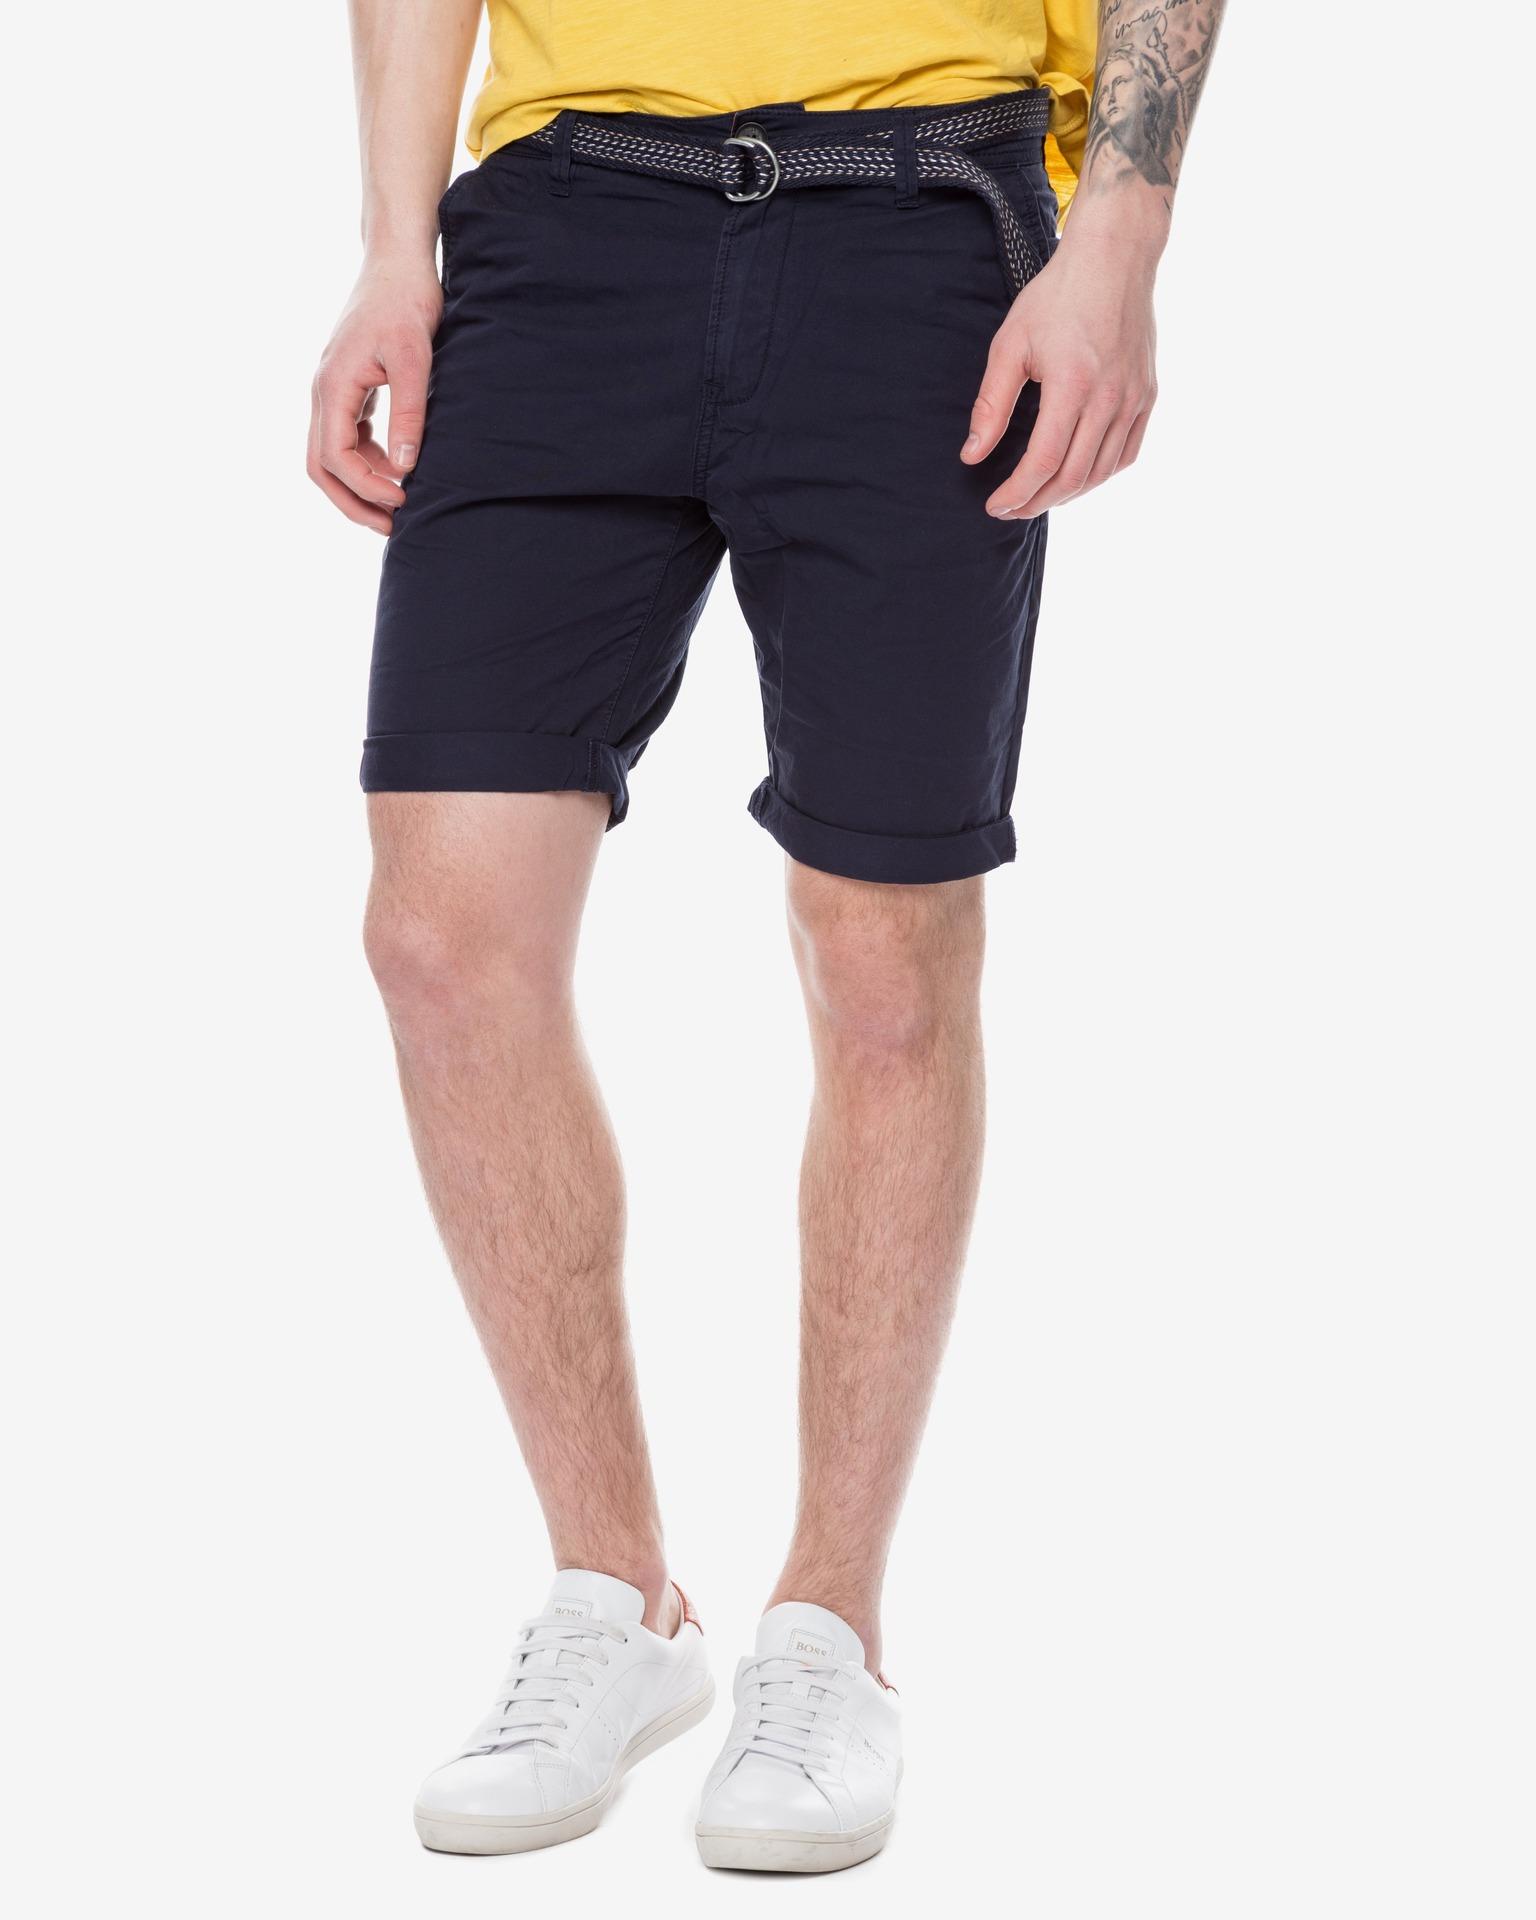 tom tailor short pants. Black Bedroom Furniture Sets. Home Design Ideas